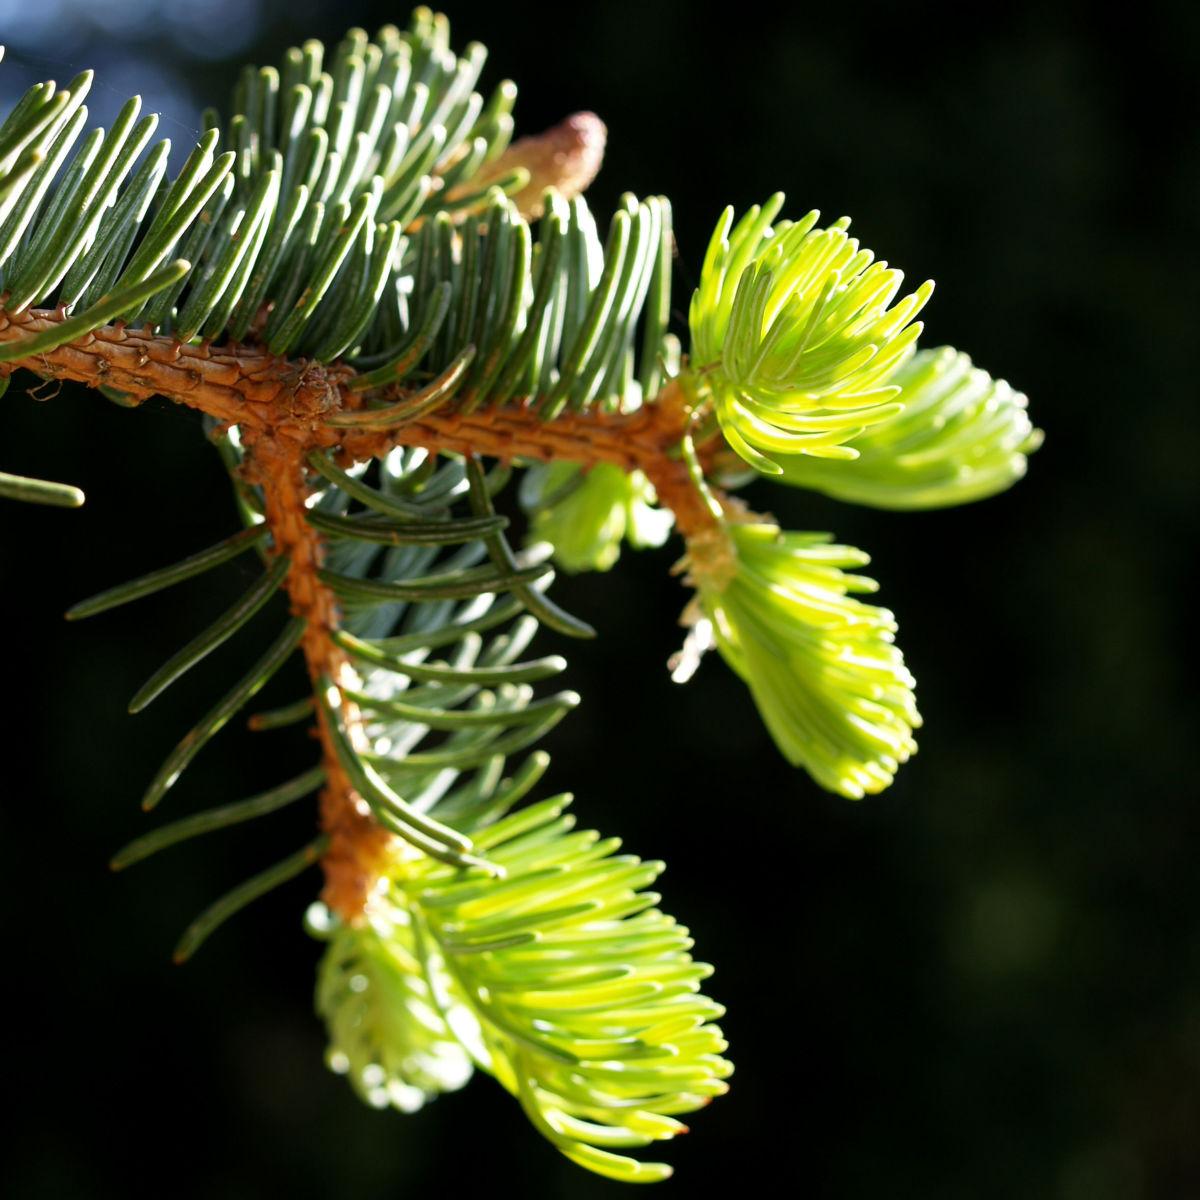 Rauhe Fichte Baum Nadeln gruen Picea asperata